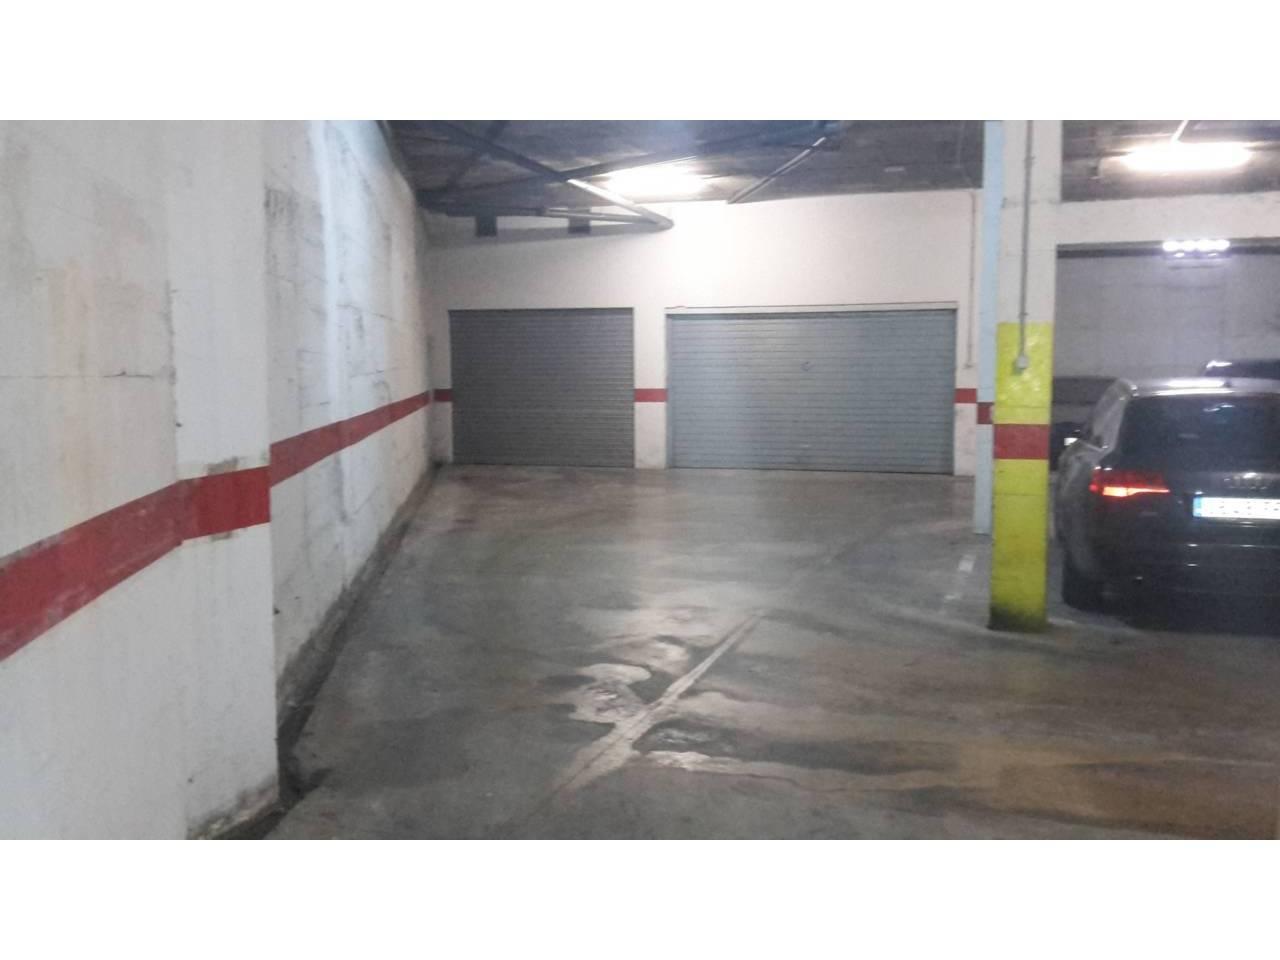 066334 - OLIVERA PALAU Parking